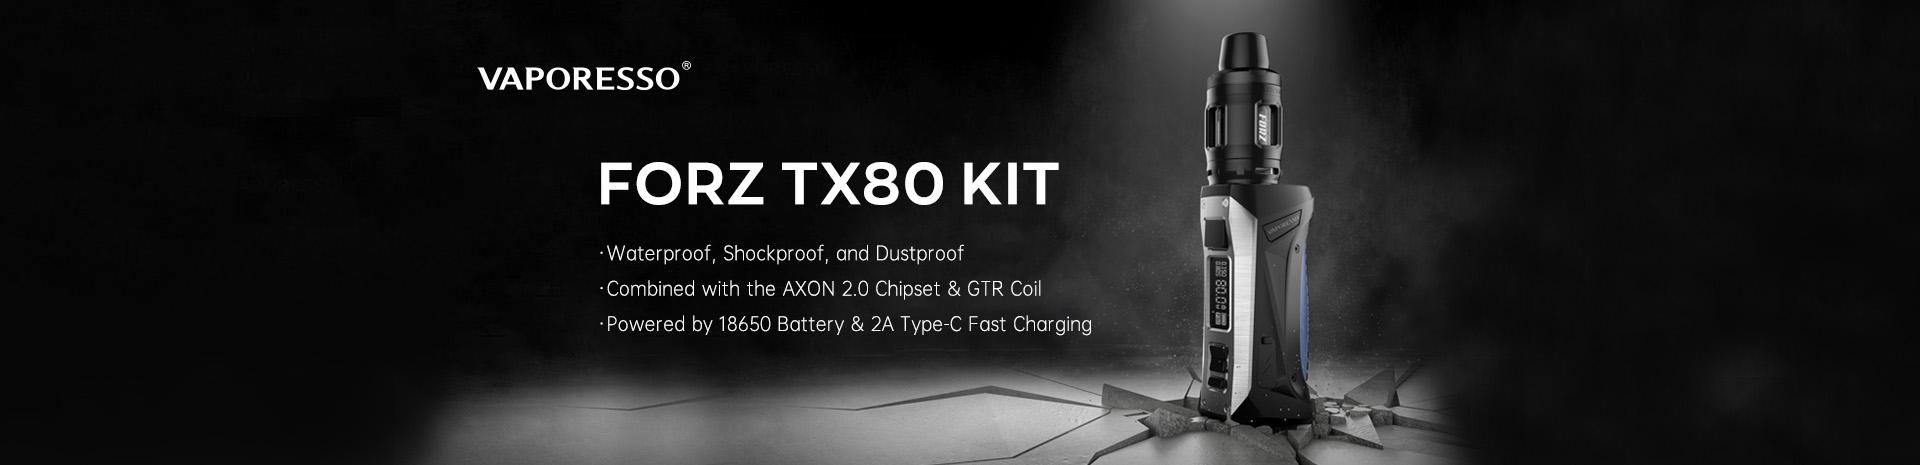 Vaporesso FORZ TX80 Kit Banner